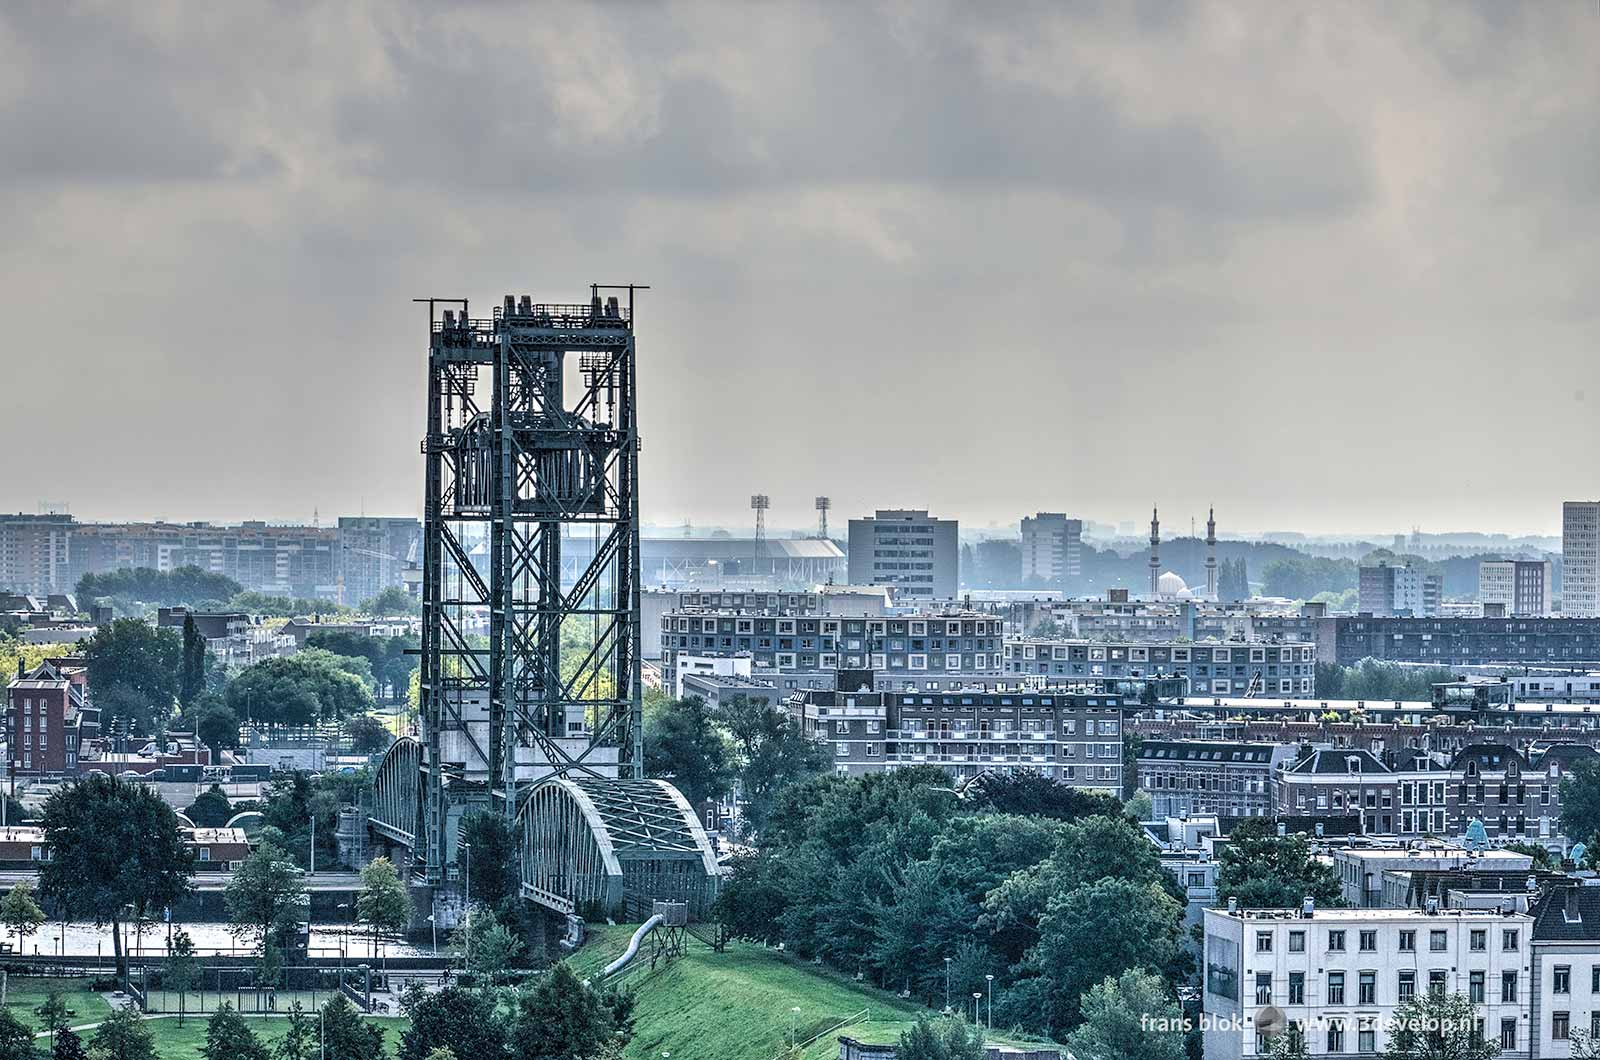 Rotterdam-Zuid en het Noordereiland, gezien vanaf het Witte Huis, met onder andere de Hef en de Kuip.